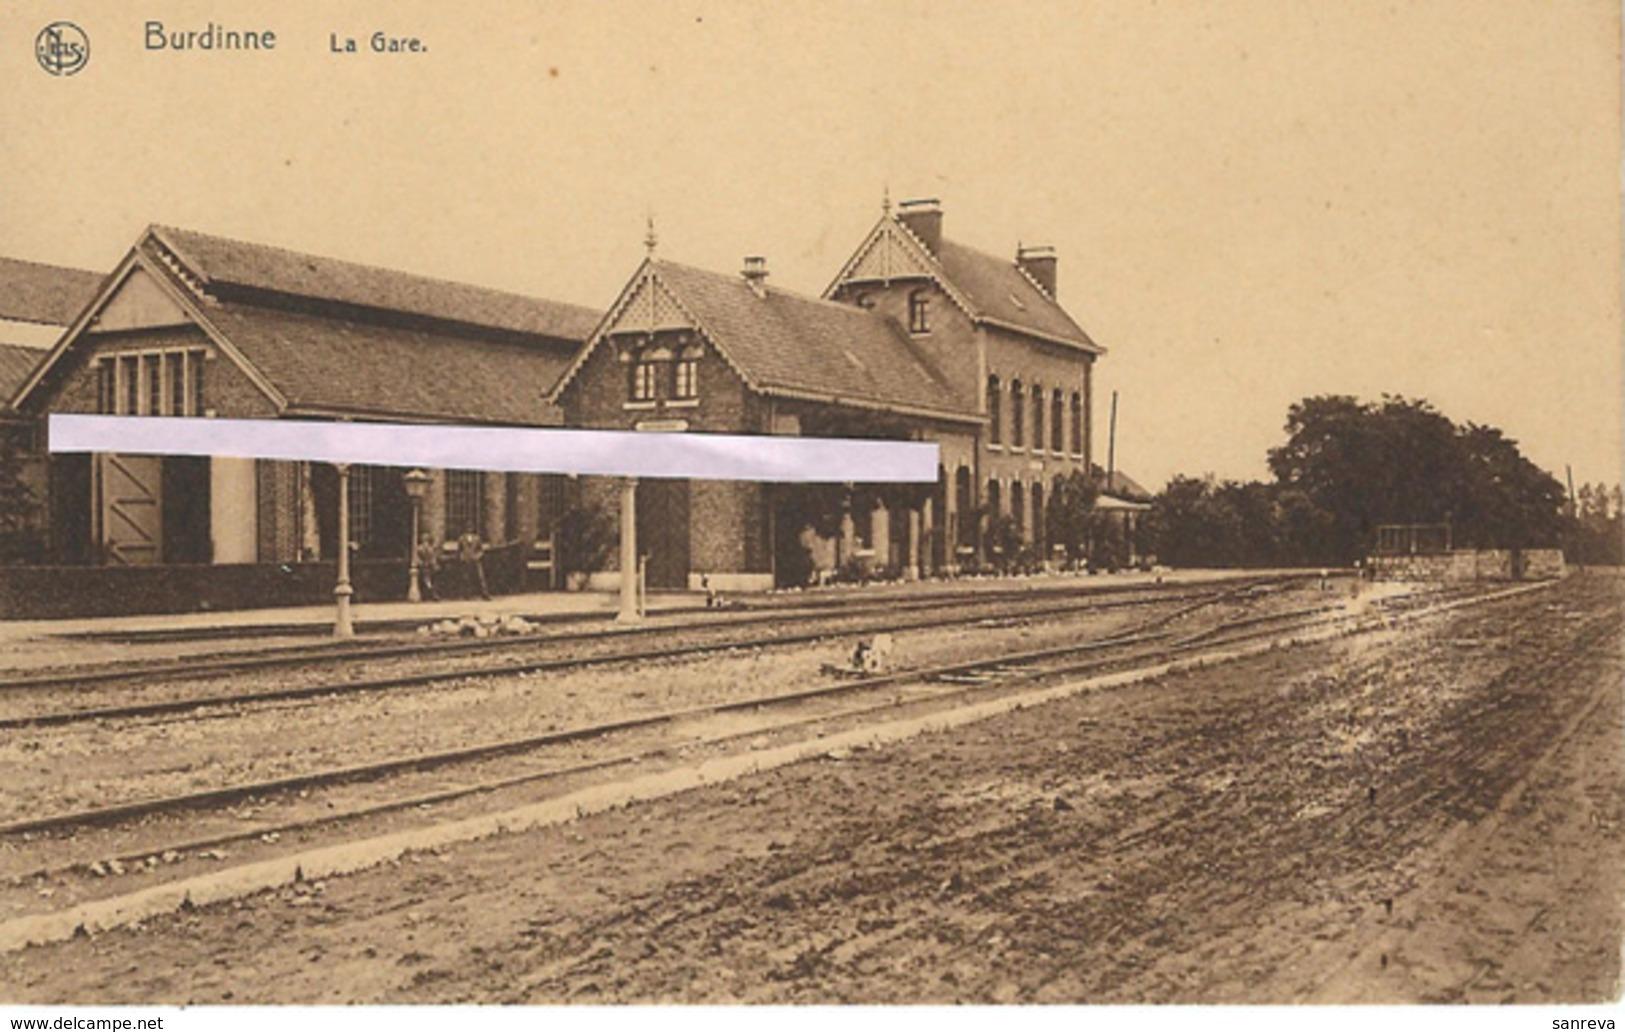 Burdinne - La Gare - Burdinne